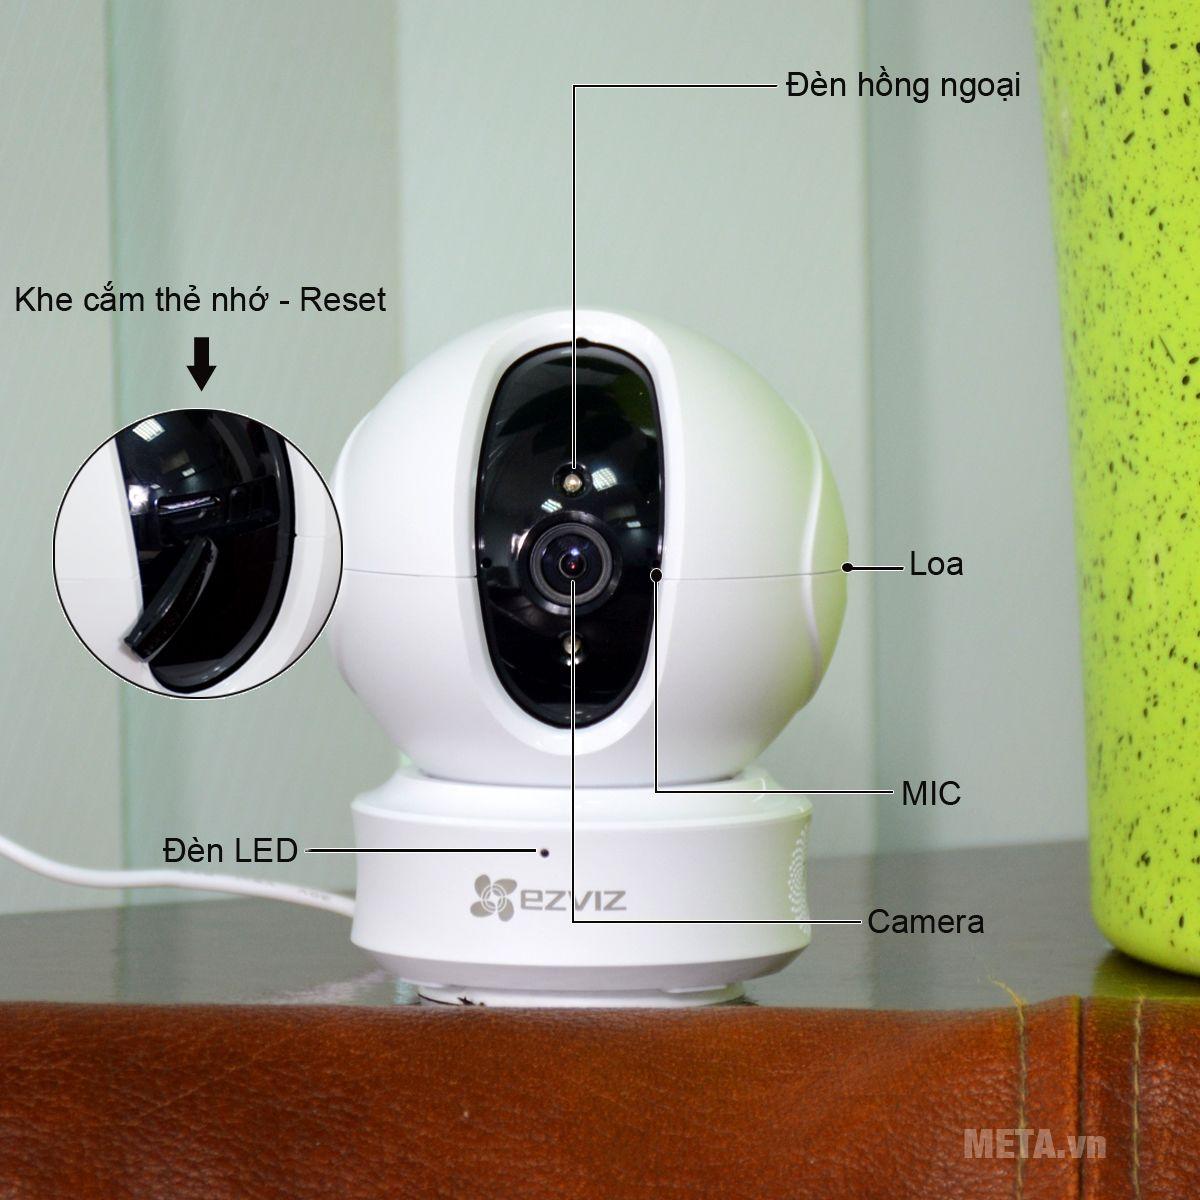 Camera dùng cho nhà hàng